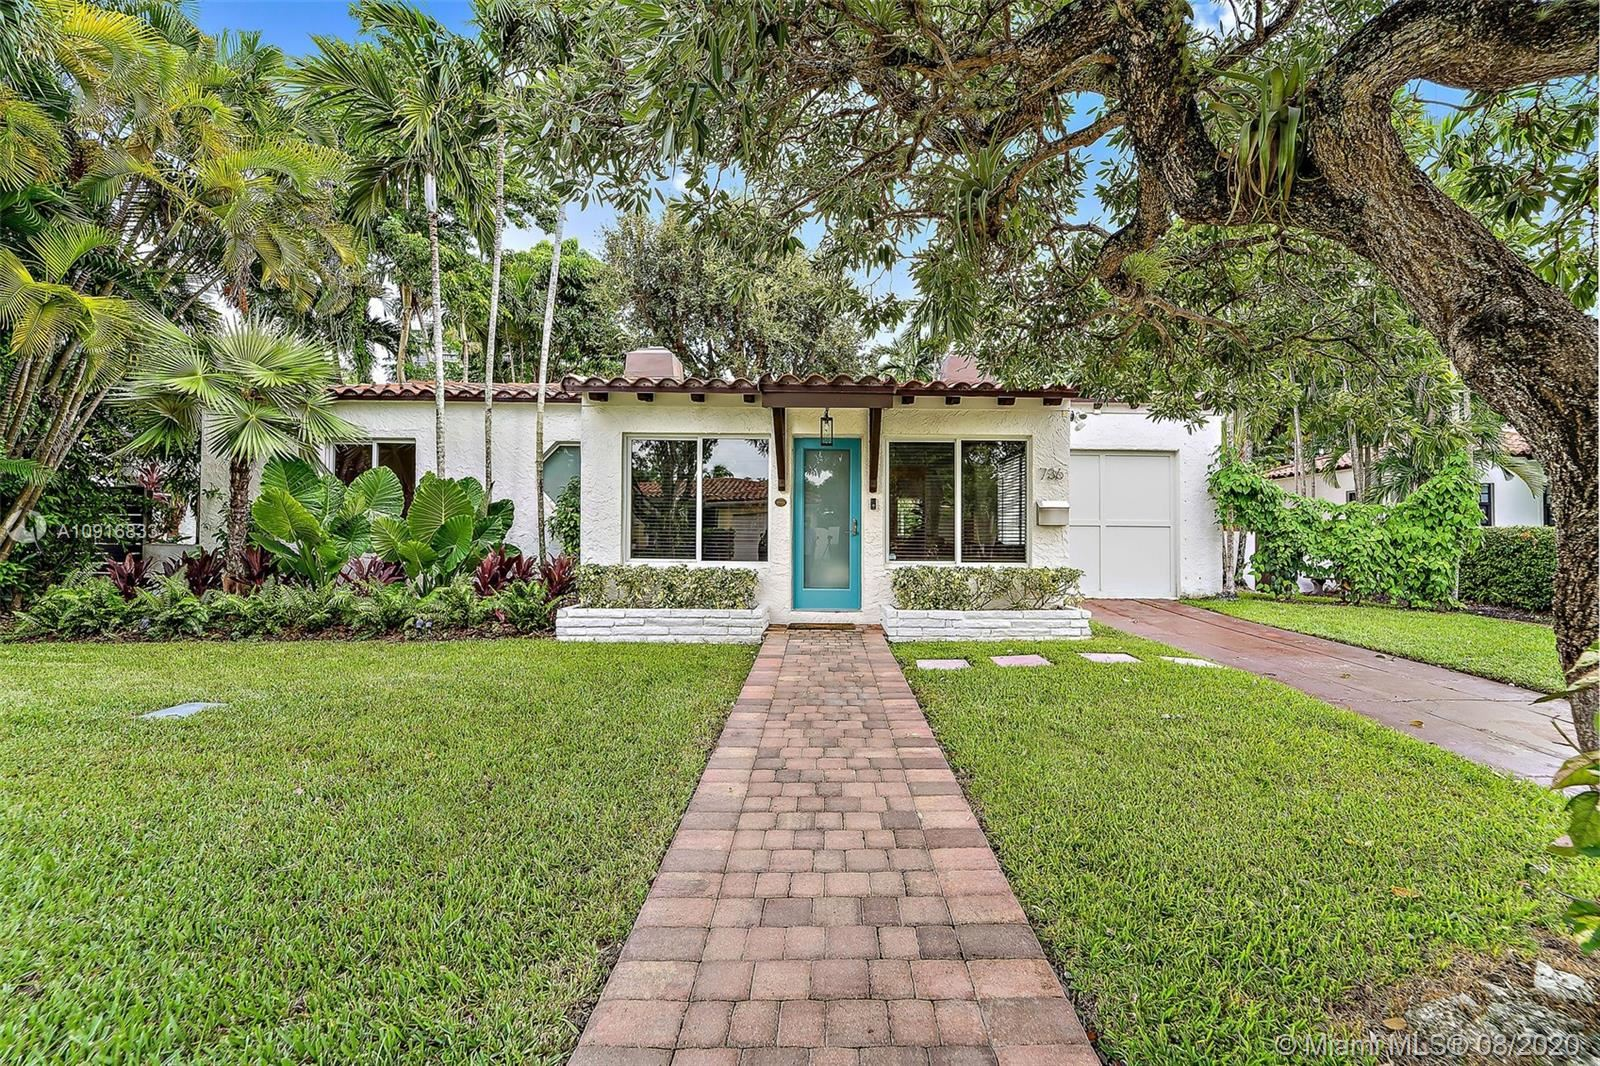 736 NE 72nd St, Miami, FL 33138 - #: A10916833